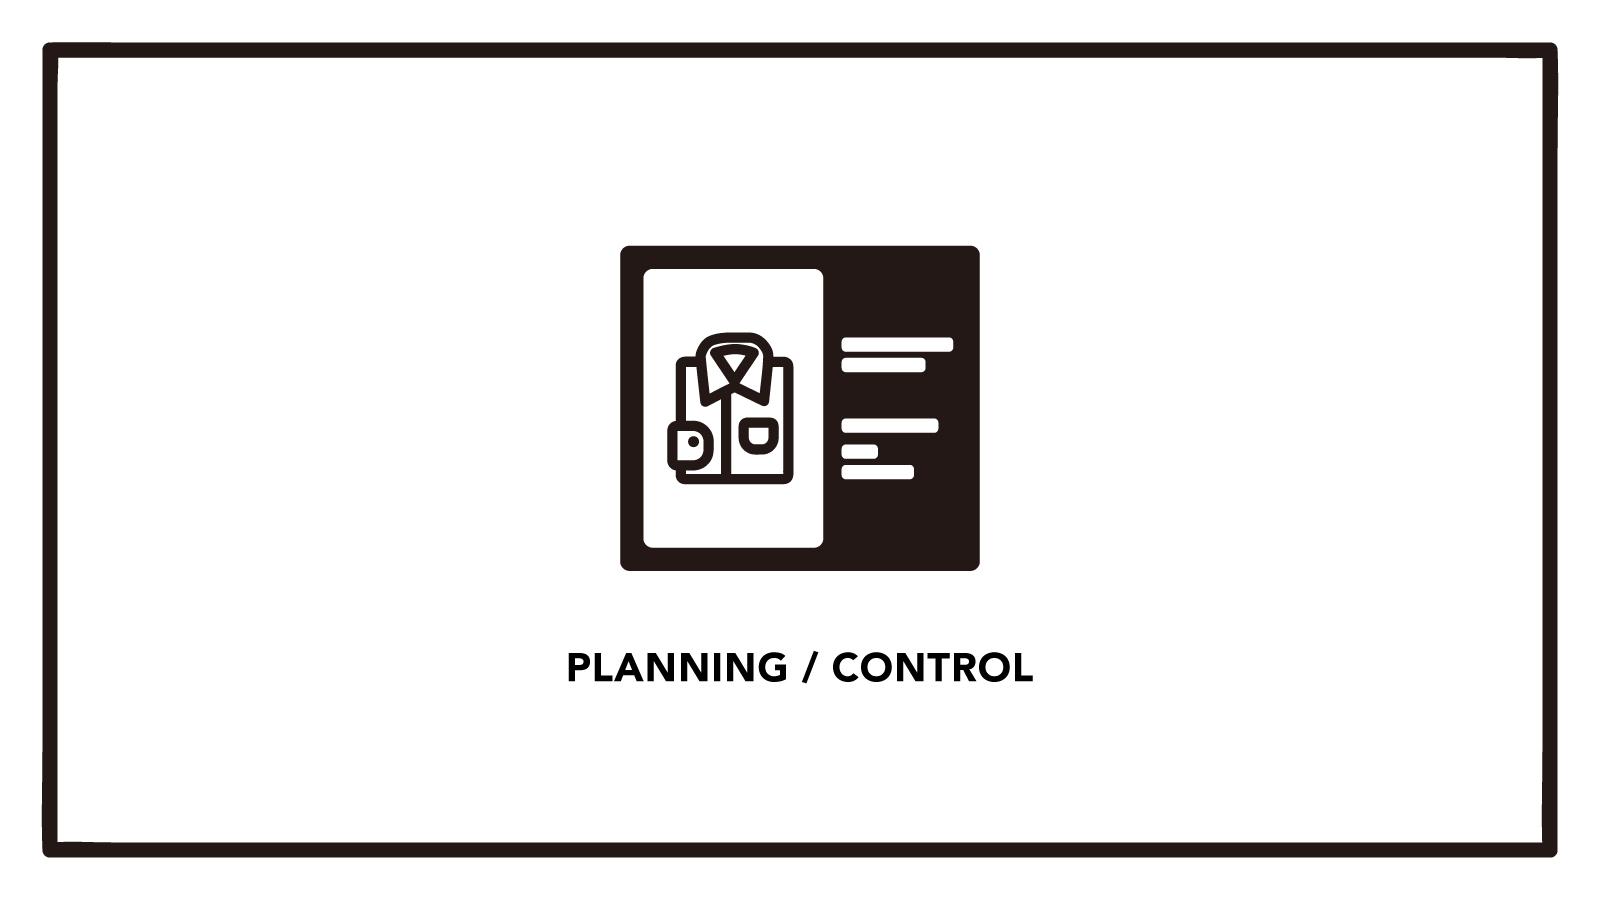 革小物を中心とした英国ブランドの商品企画・デザイン・生産管理のカバー写真